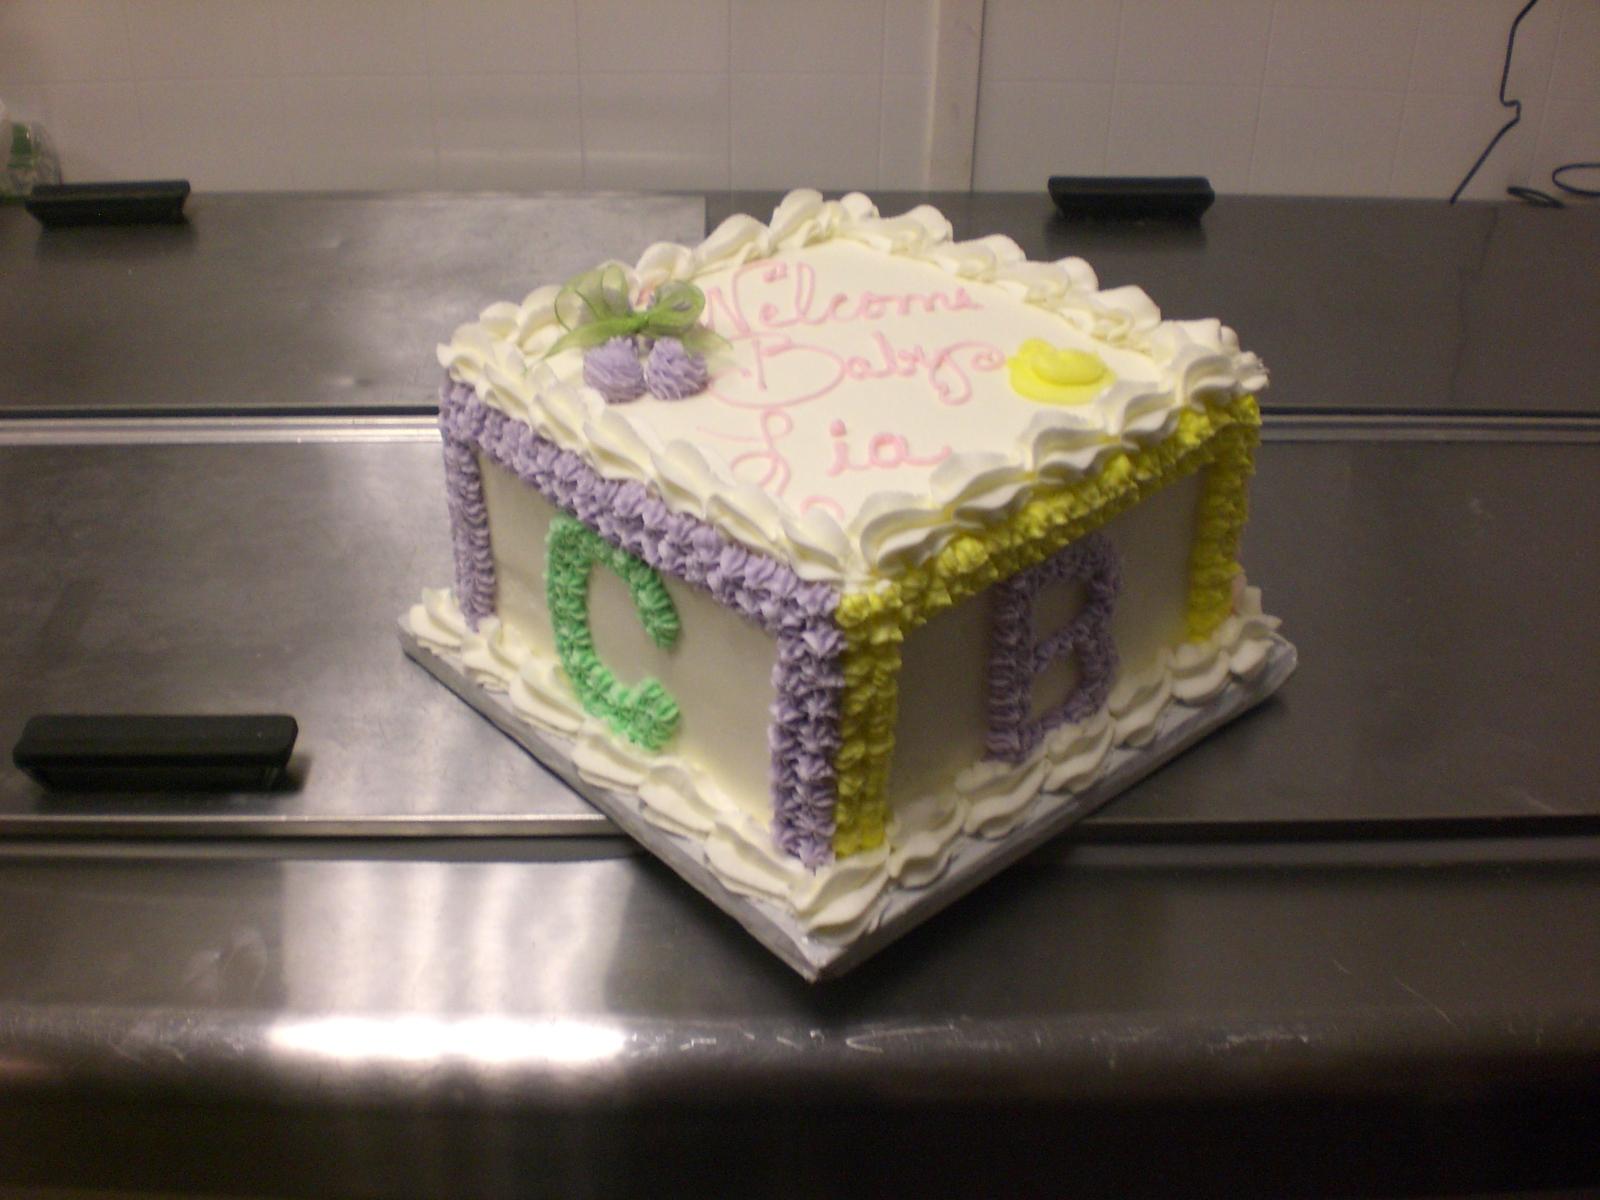 Cake Art Lawrenceville Hwy : CAFE AROMAS: Baby Block Cake!